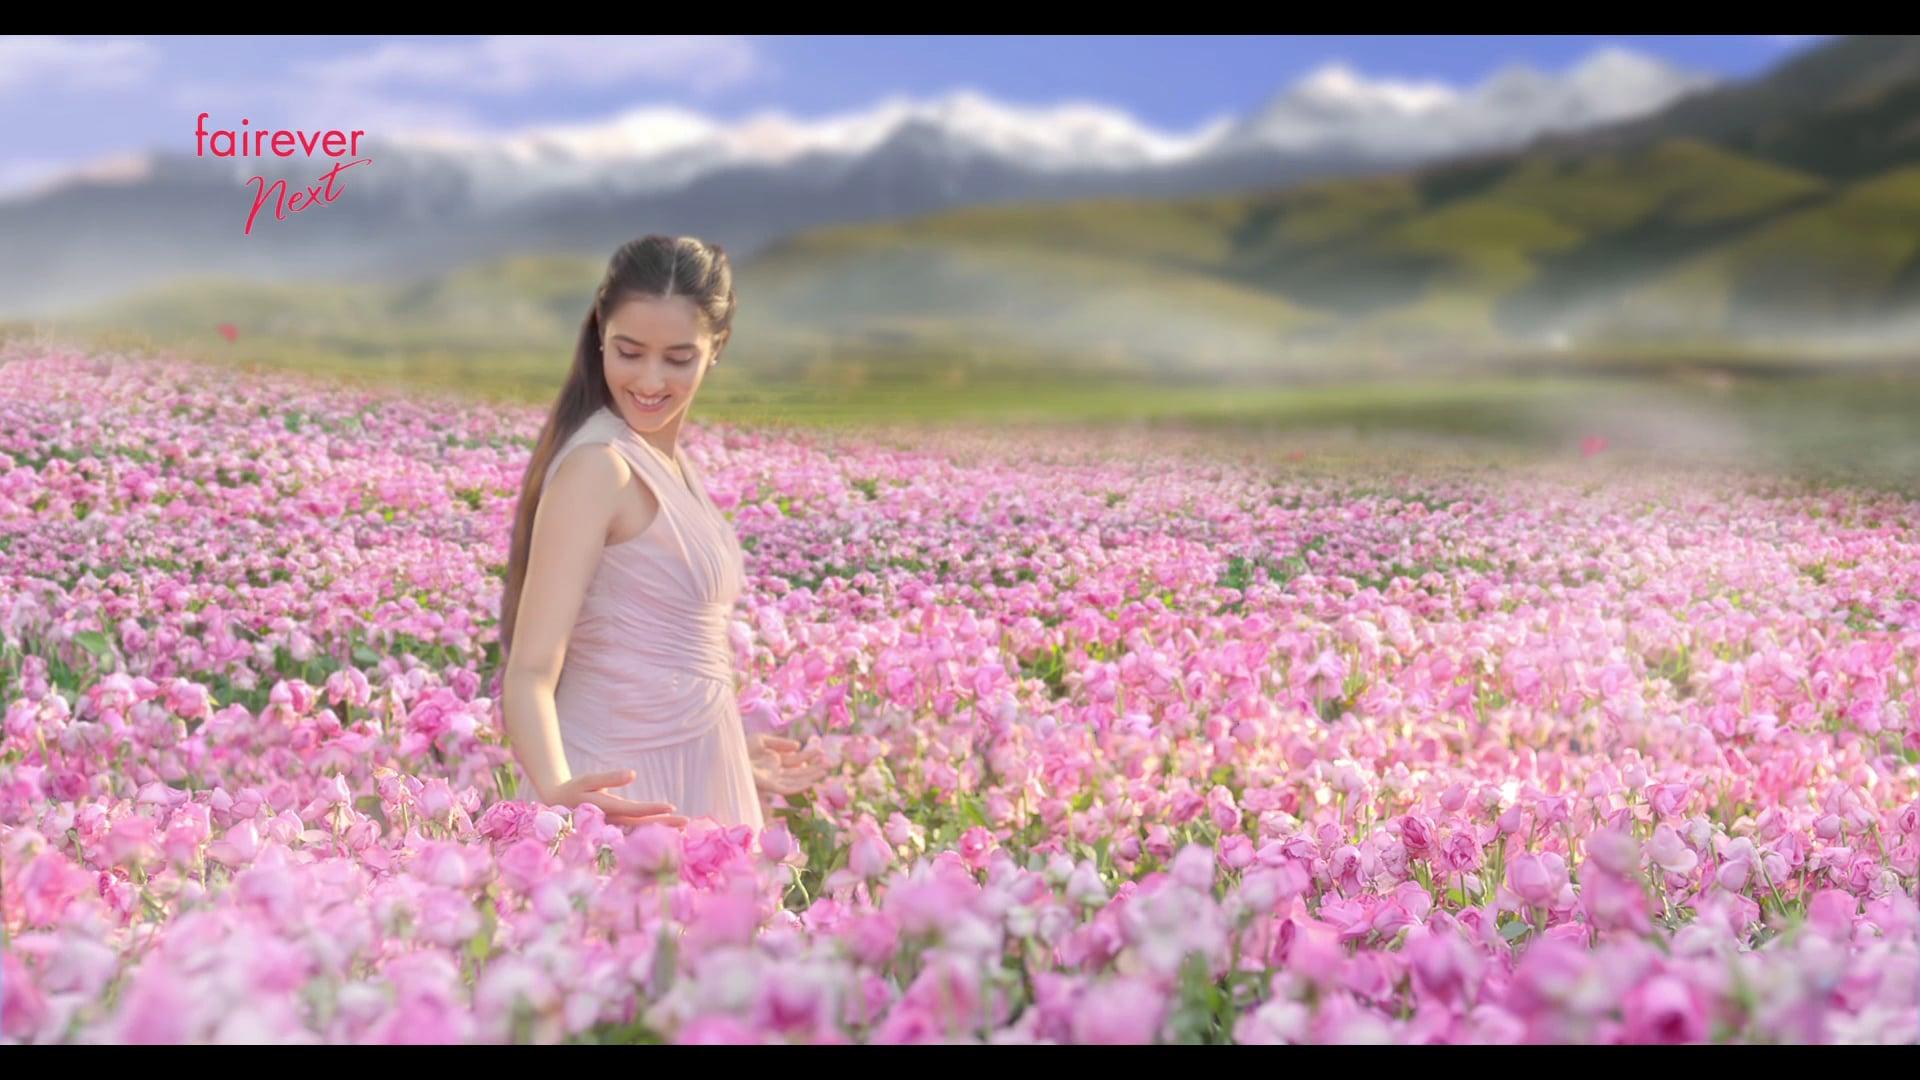 FAIREVER 25SEC TAMIL PRODUCT FILM HD